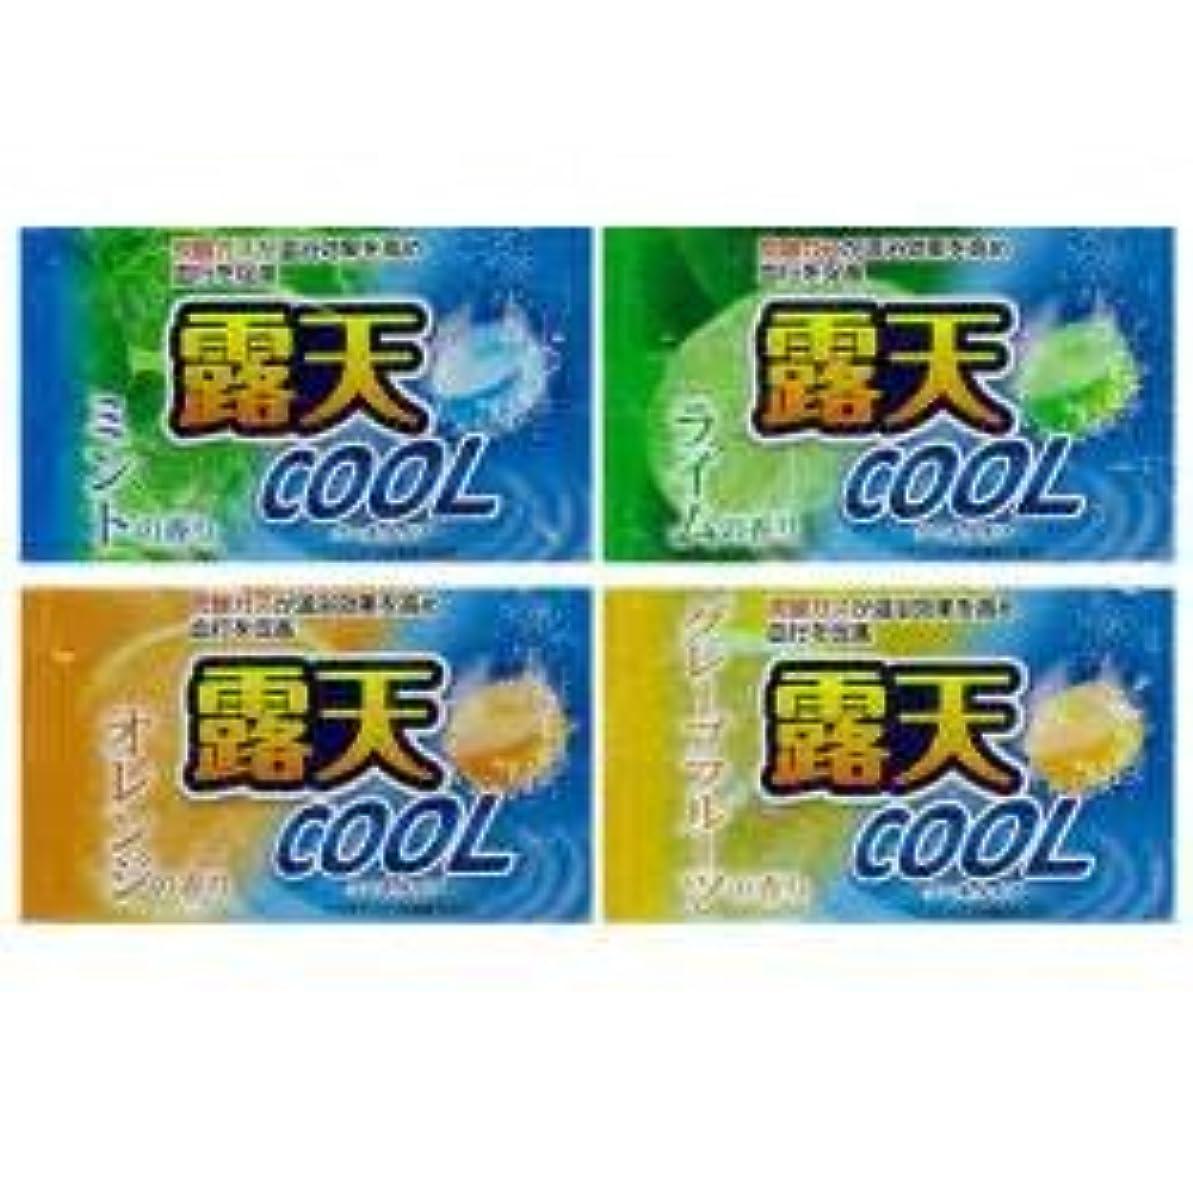 冒険者火山学個人的な薬用発泡入浴剤 露天クール 4種×3 12個